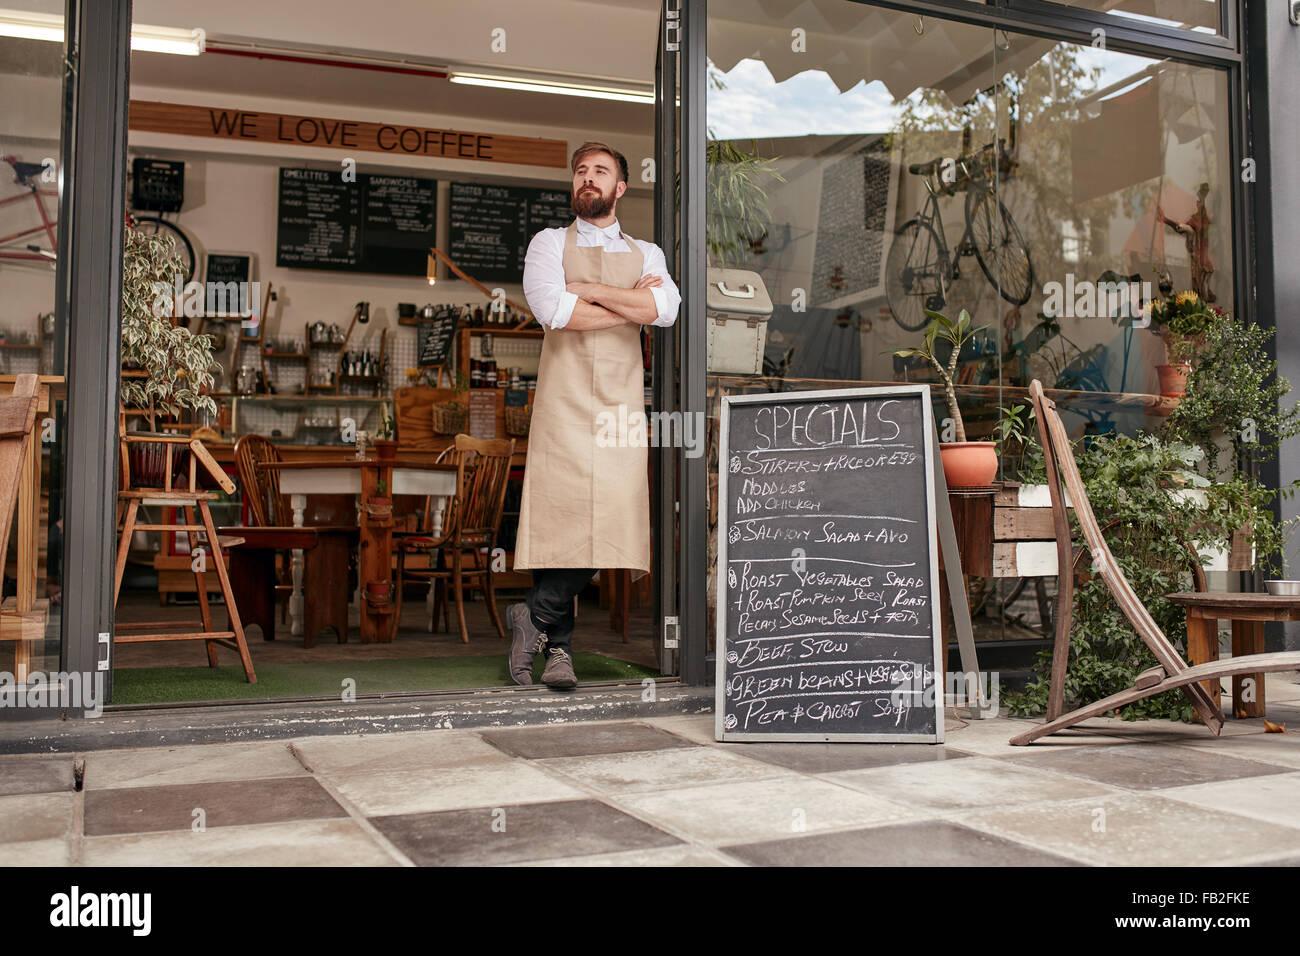 Tirer sur toute la longueur d'un barista jeunes debout dans porte d'un café. Jeune homme avec barbe Photo Stock